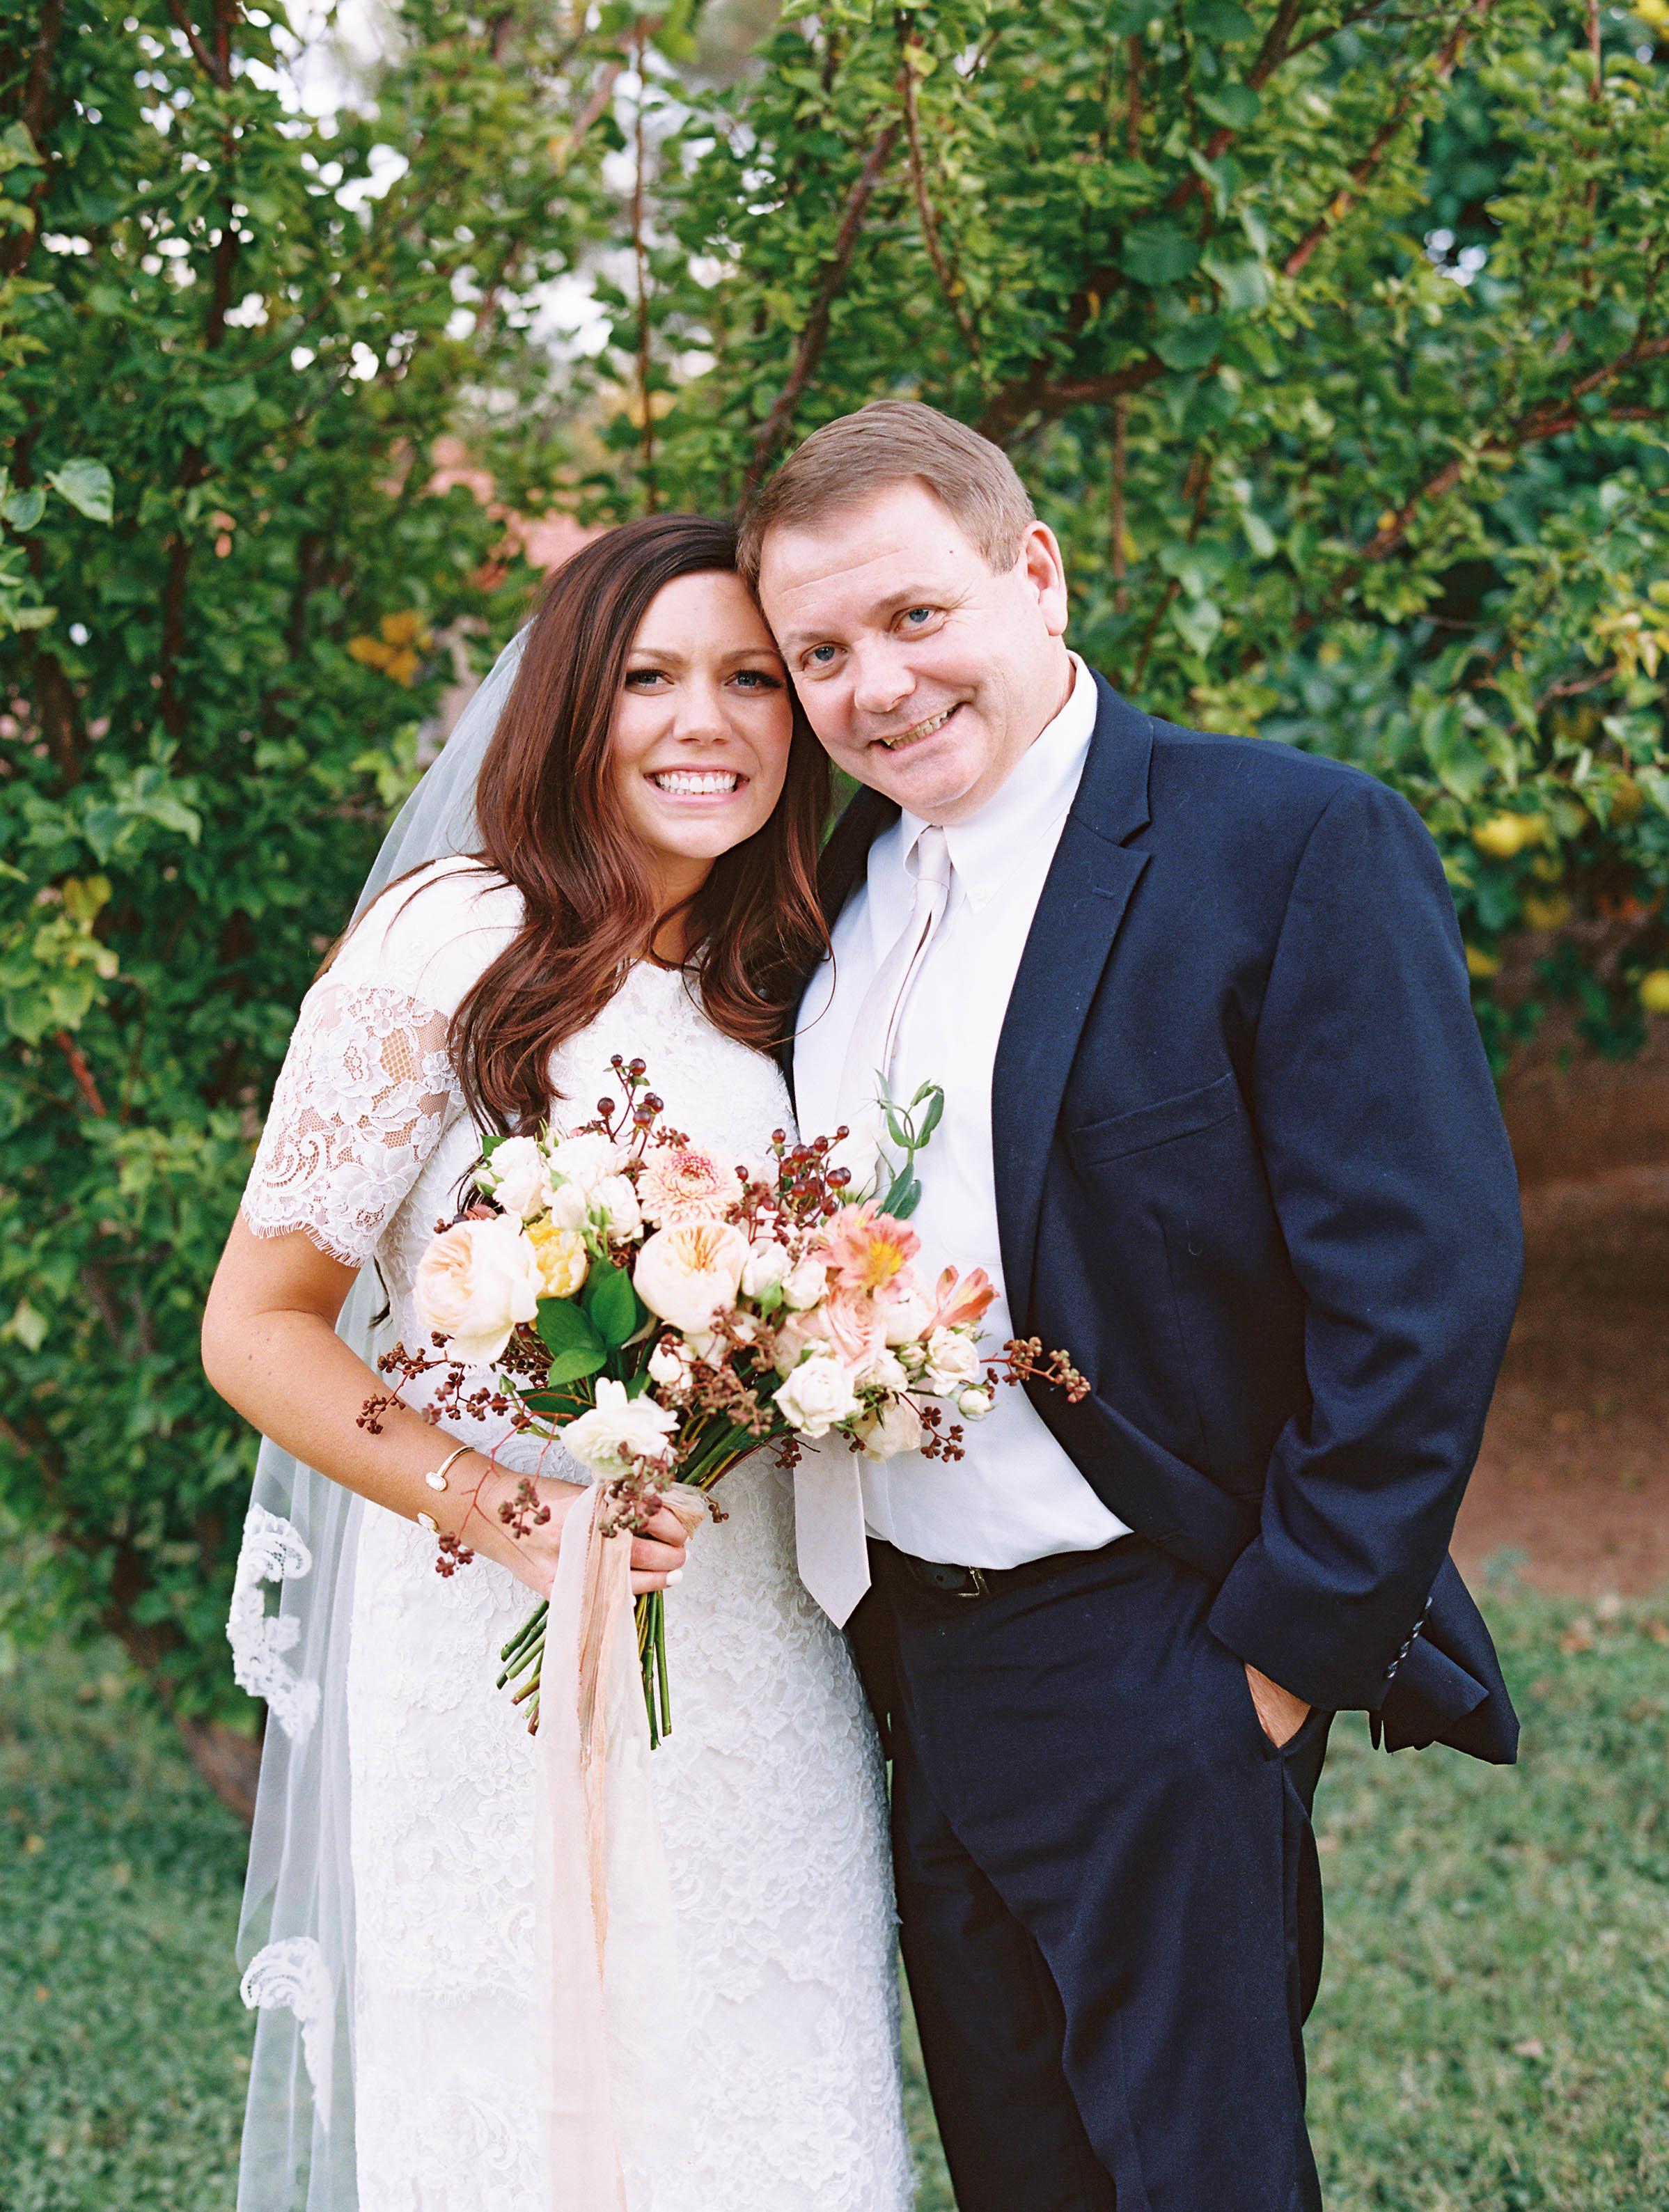 kelsandmichael_weddingphotography_coffey-99.jpg